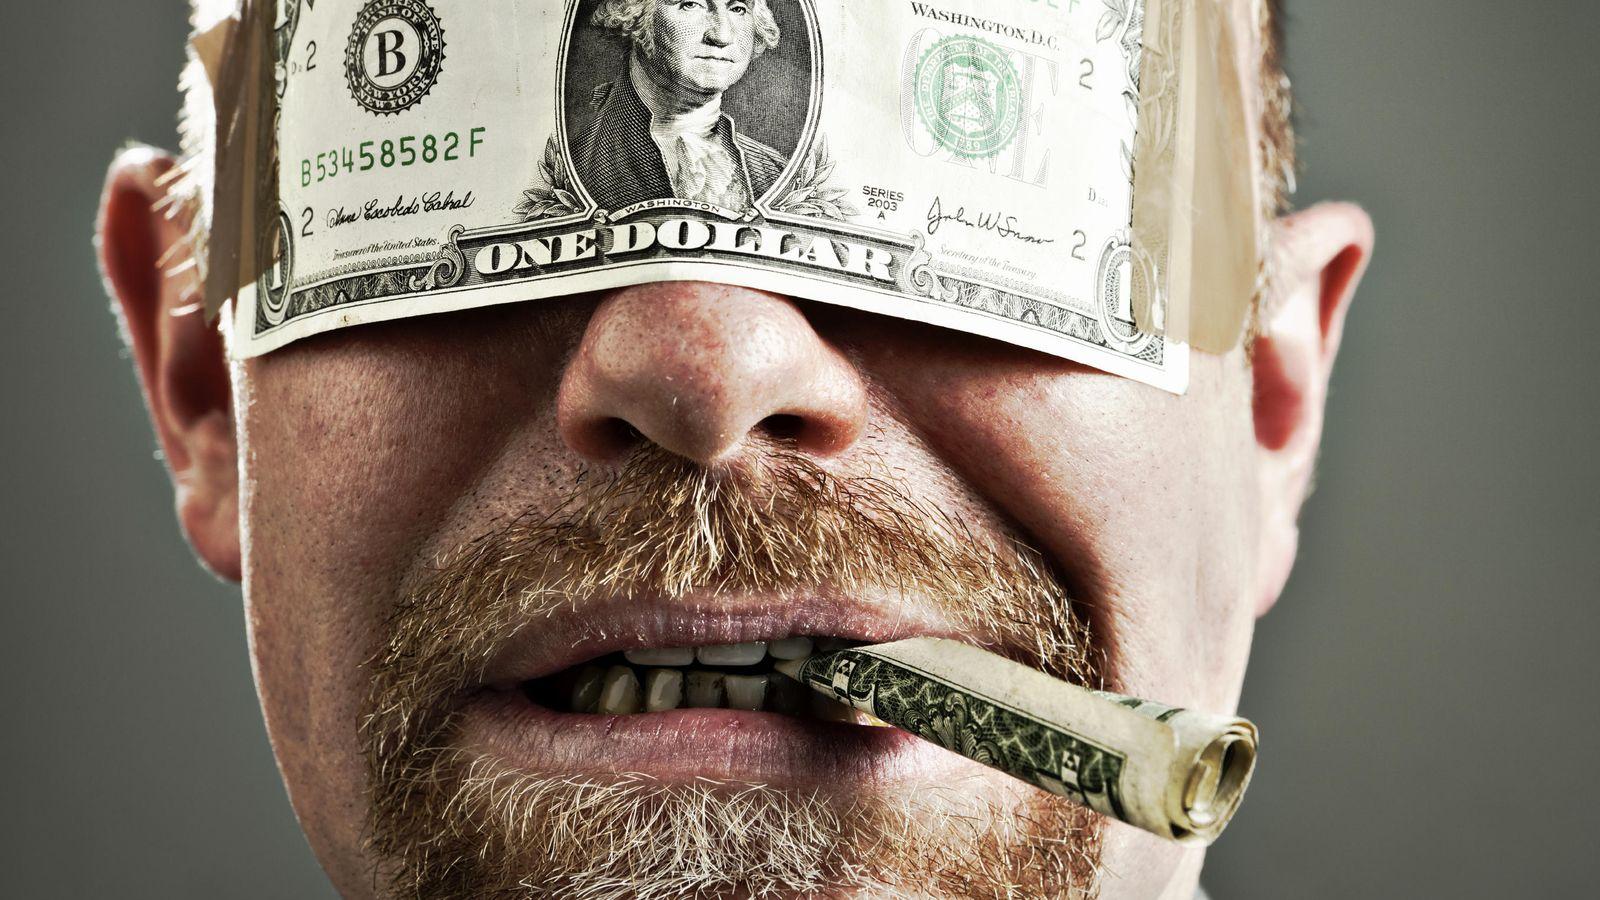 Foto: Para montarse en el dólar hay que tener una gran determinación (y pocos escrúpulos). (iStock)